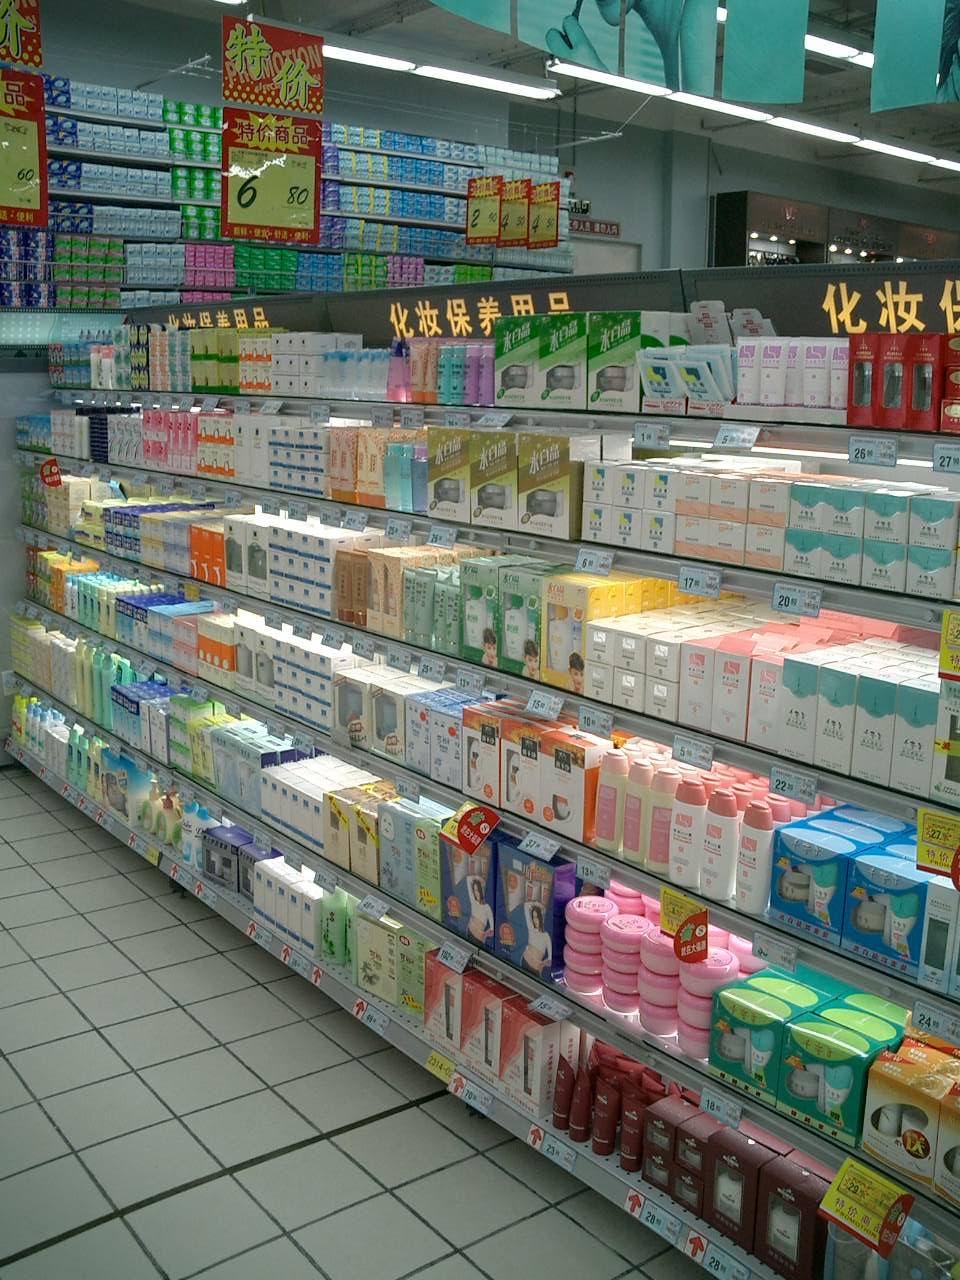 超市商品陈列图片内容|超市商品陈列图片版面设计